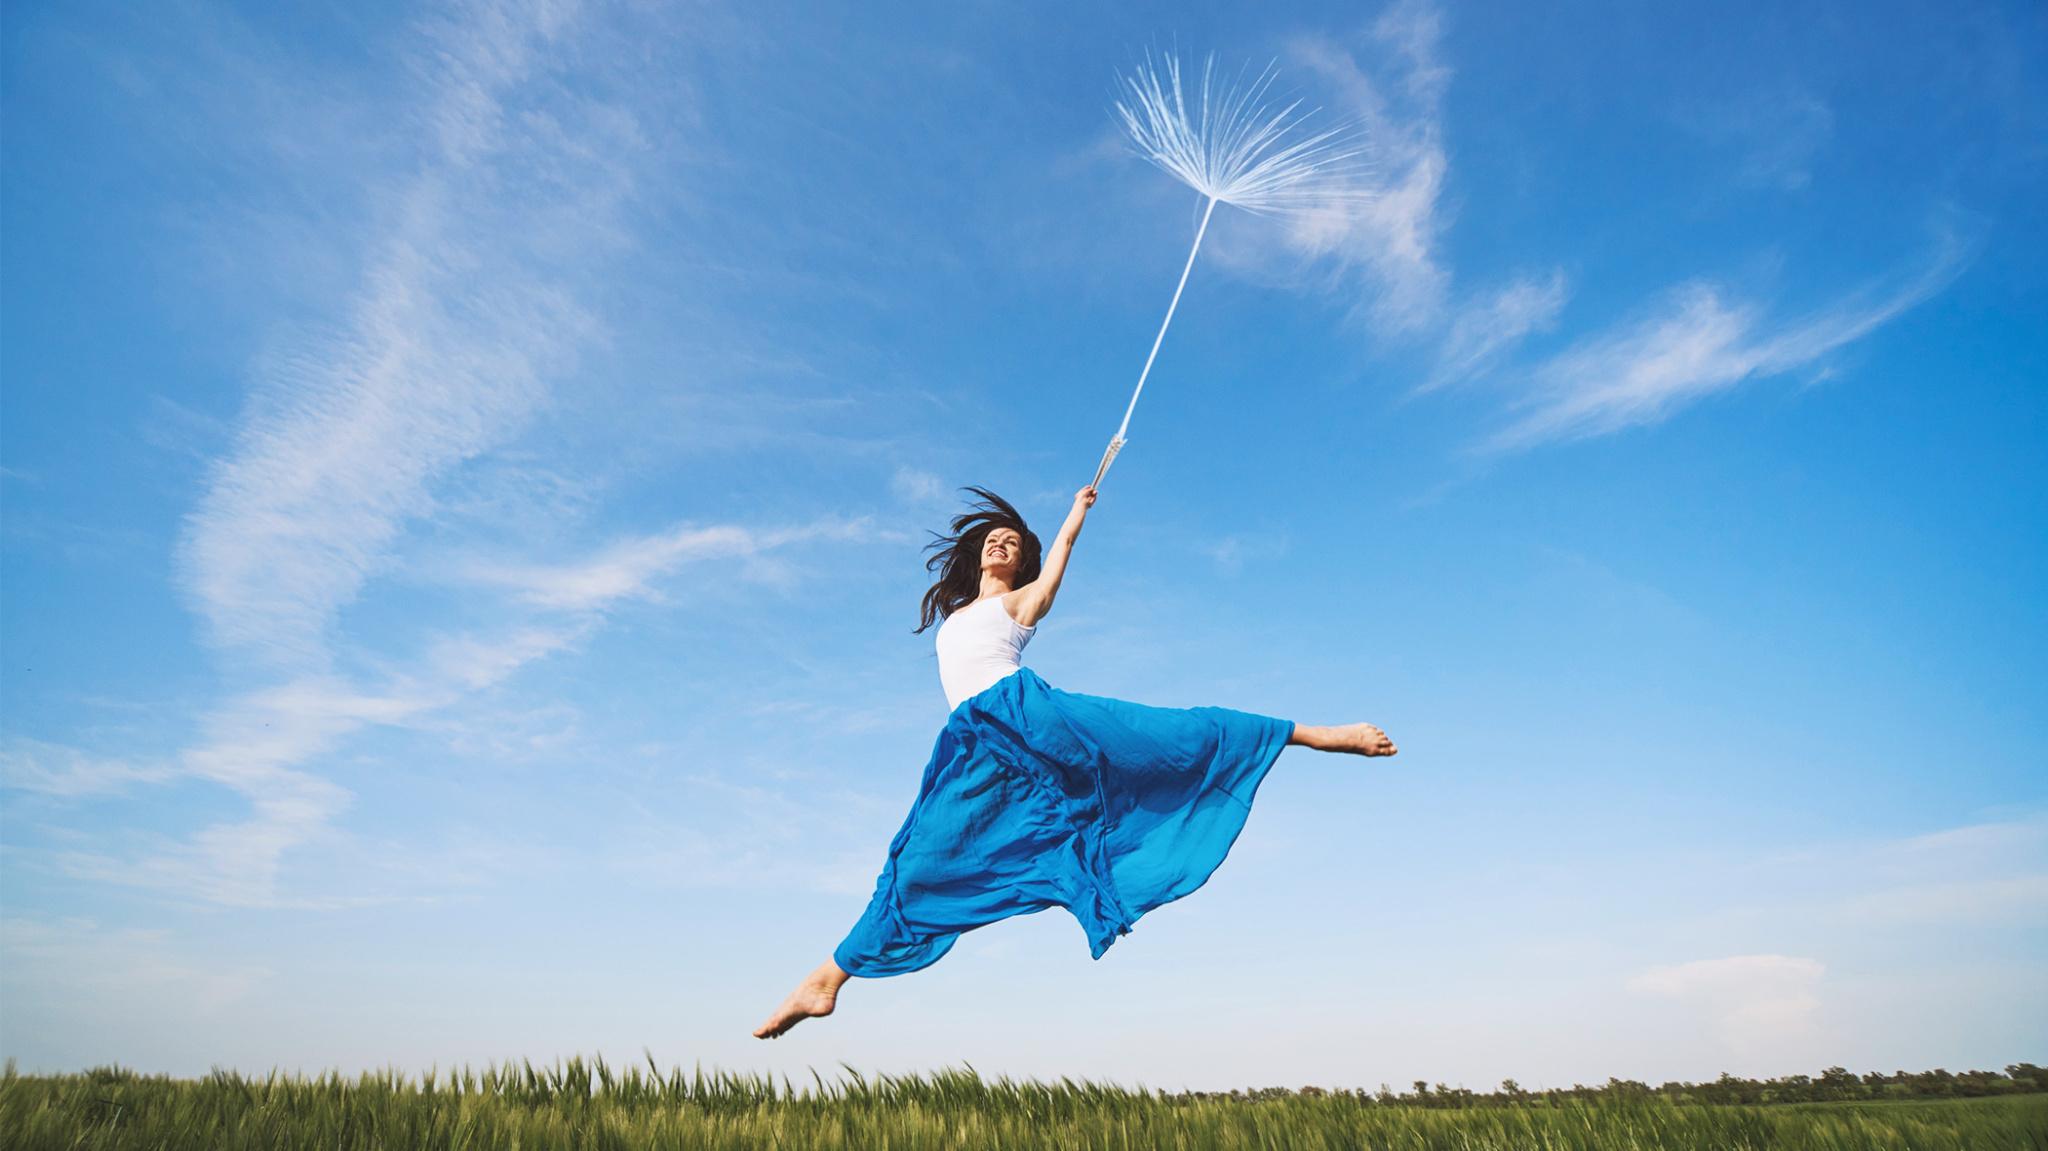 Veselá jarní fotomontáž: procvičte si práci s vrstvami